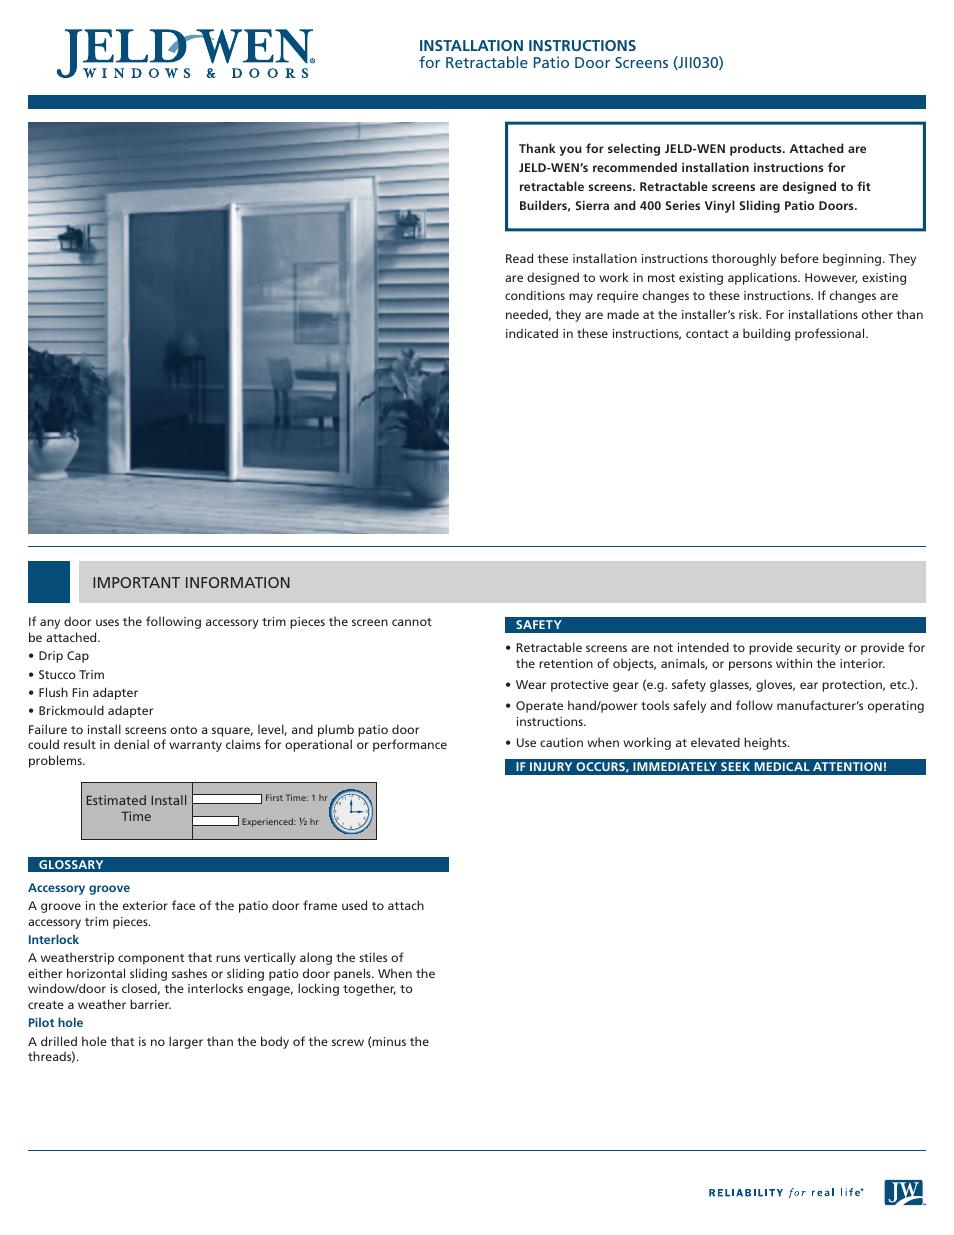 Jeld Wen Jii030 Retractable Patio Door Screens User Manual 4 Pages